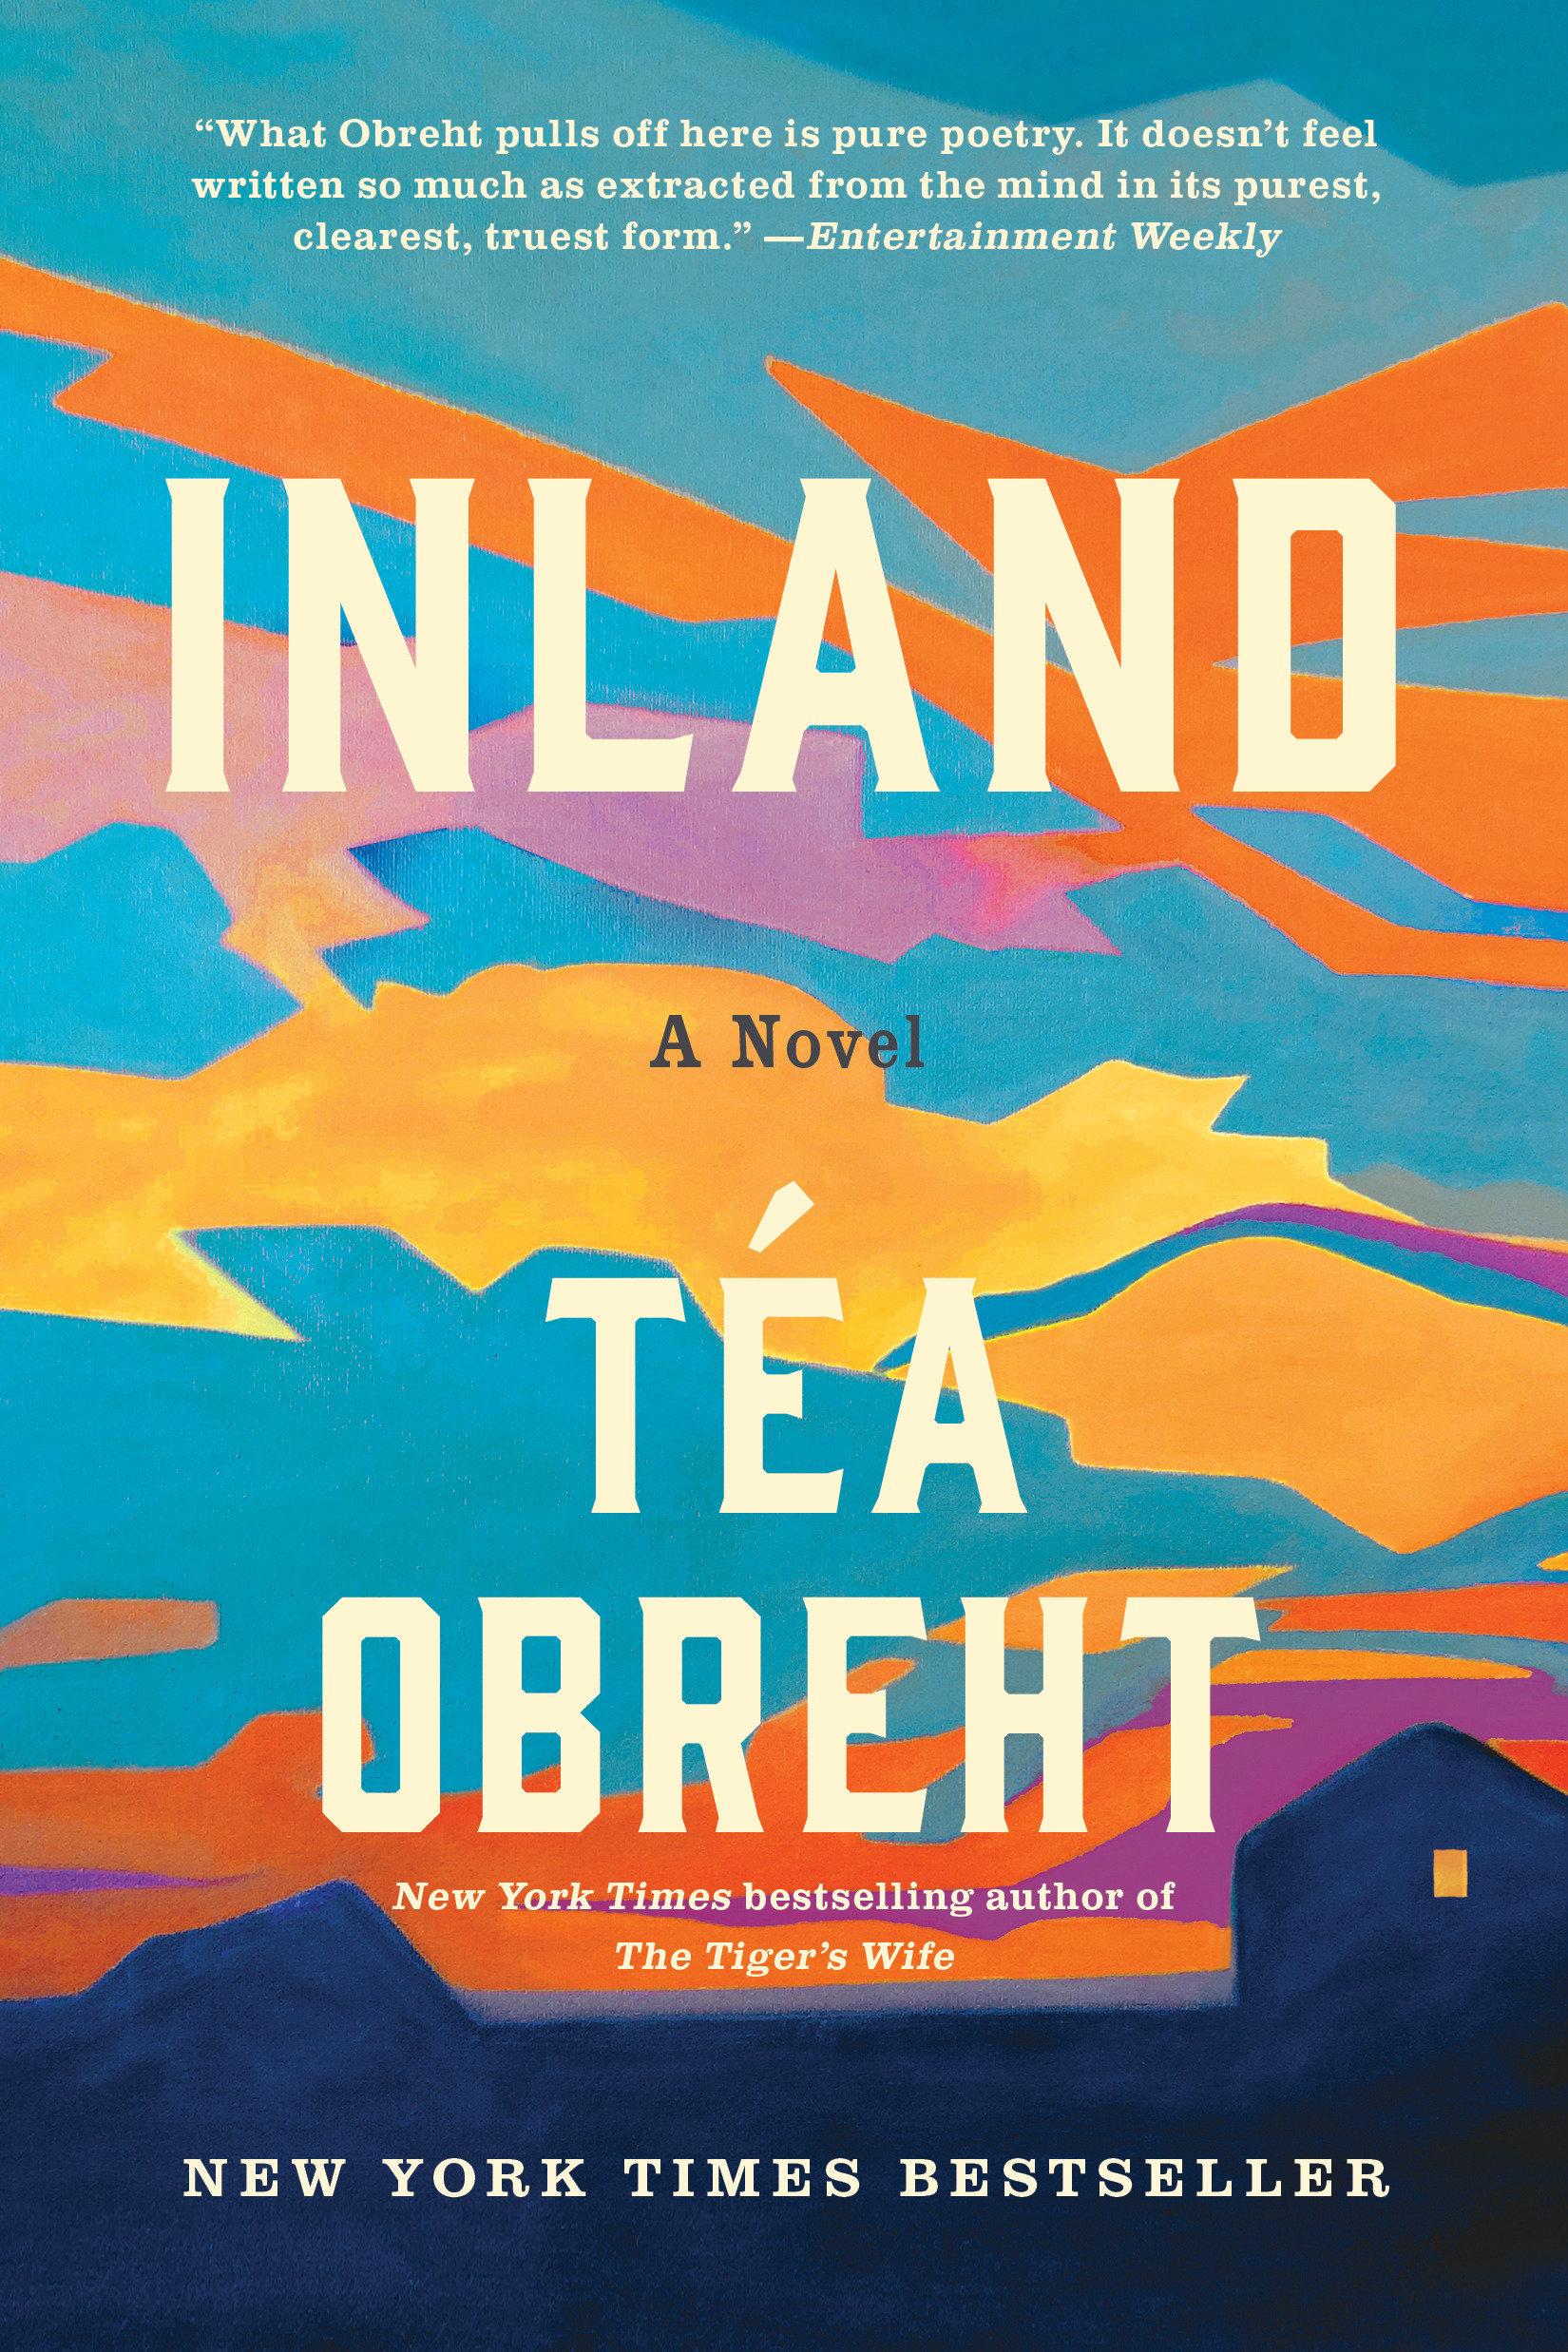 Inland A Novel